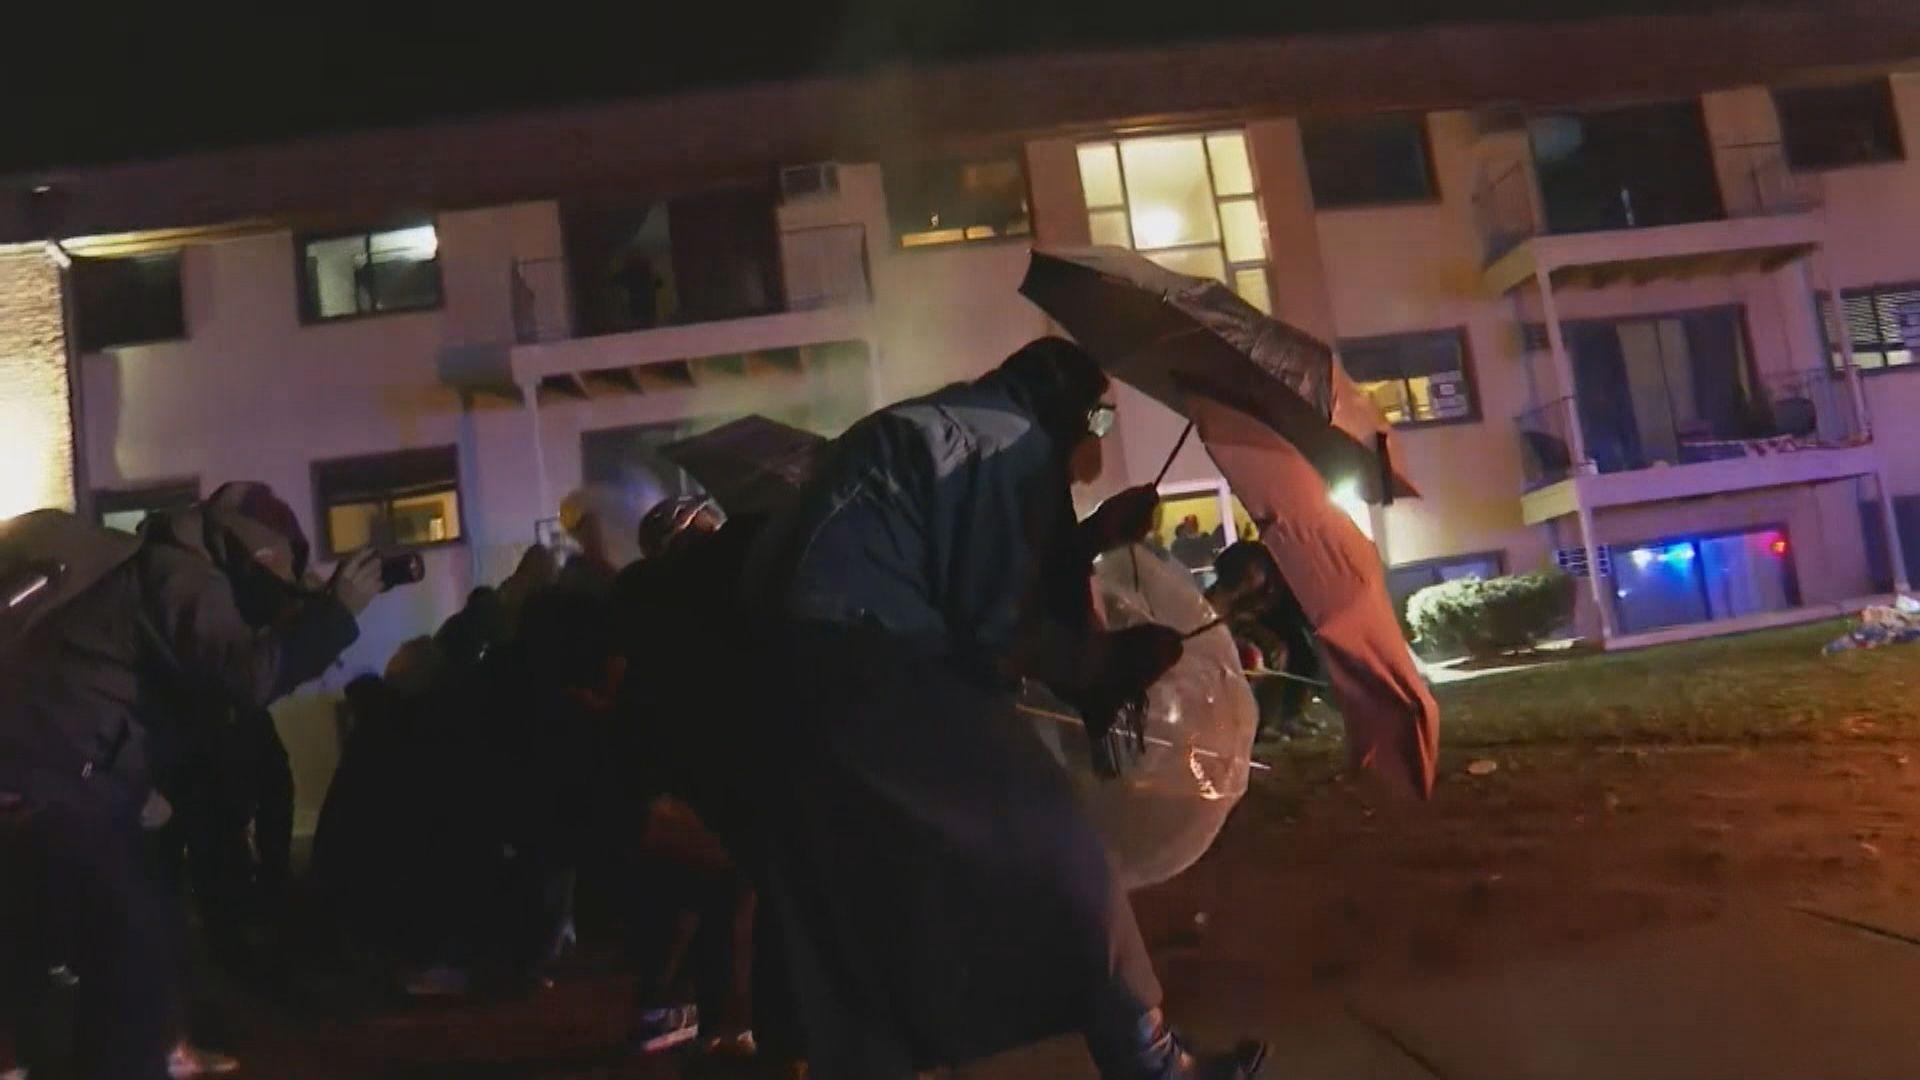 美國再有示威抗議女警槍殺黑人 消息指涉事警將被起訴